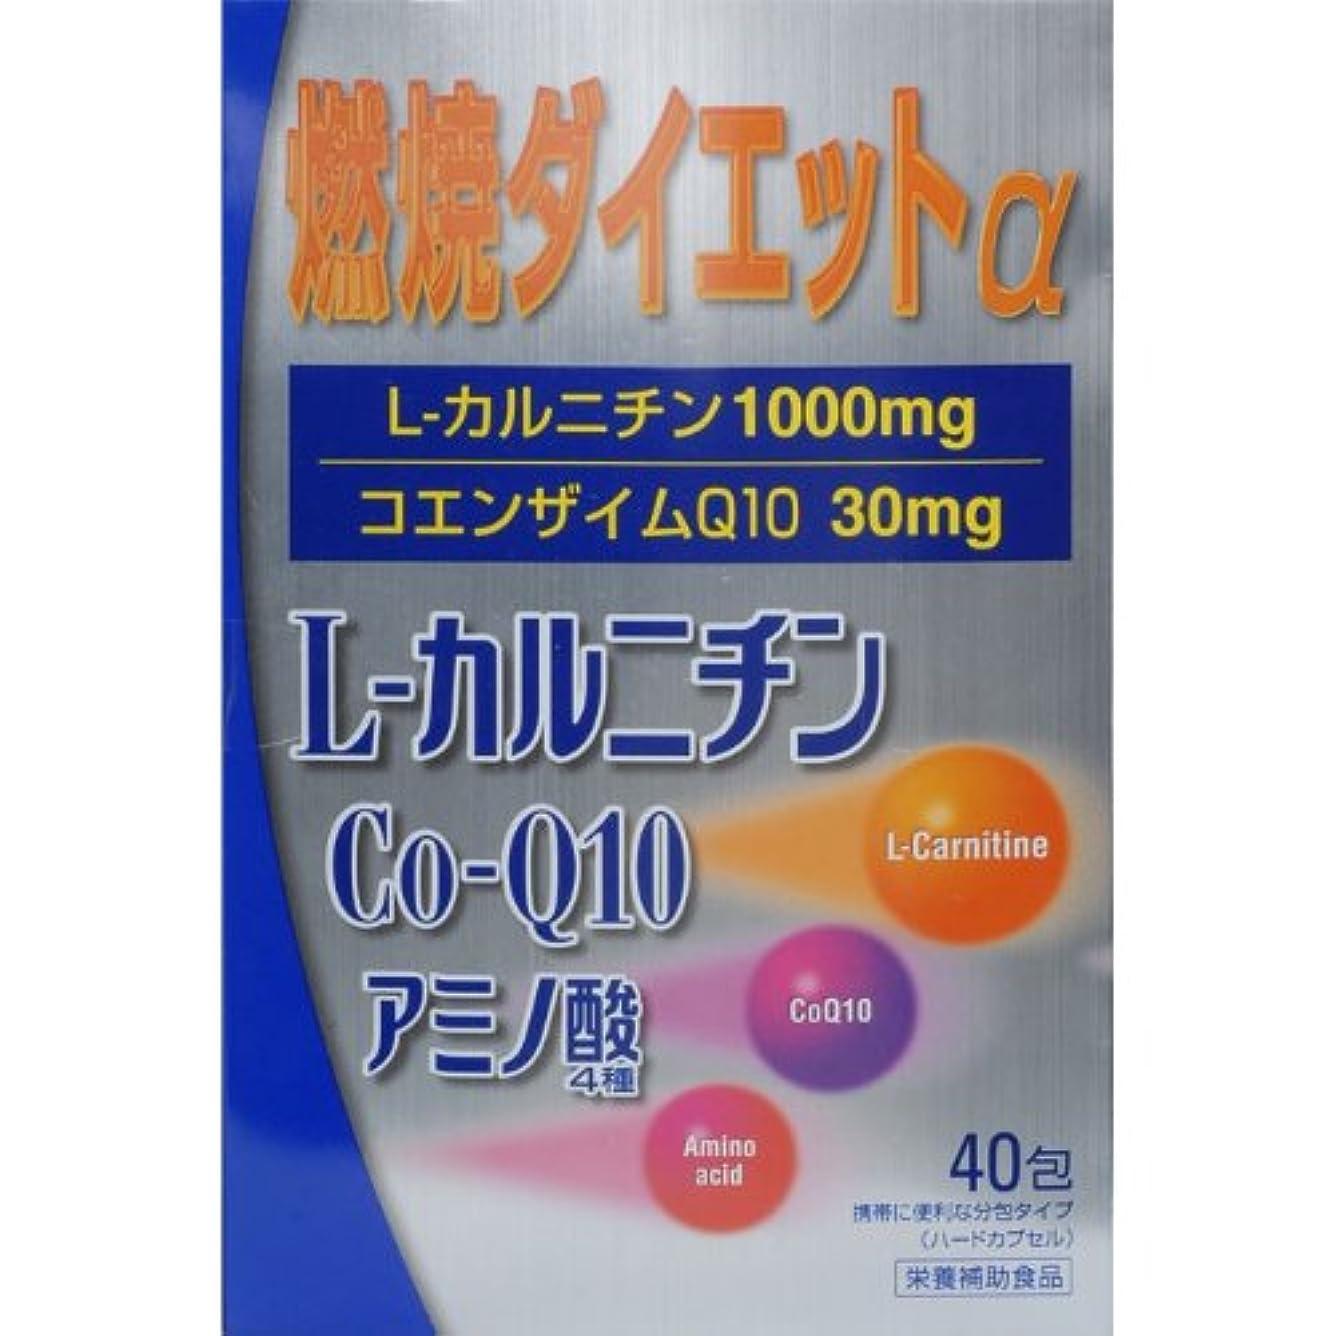 がんばり続けるパウダー南西燃焼ダイエットL‐カルニチンα 40包